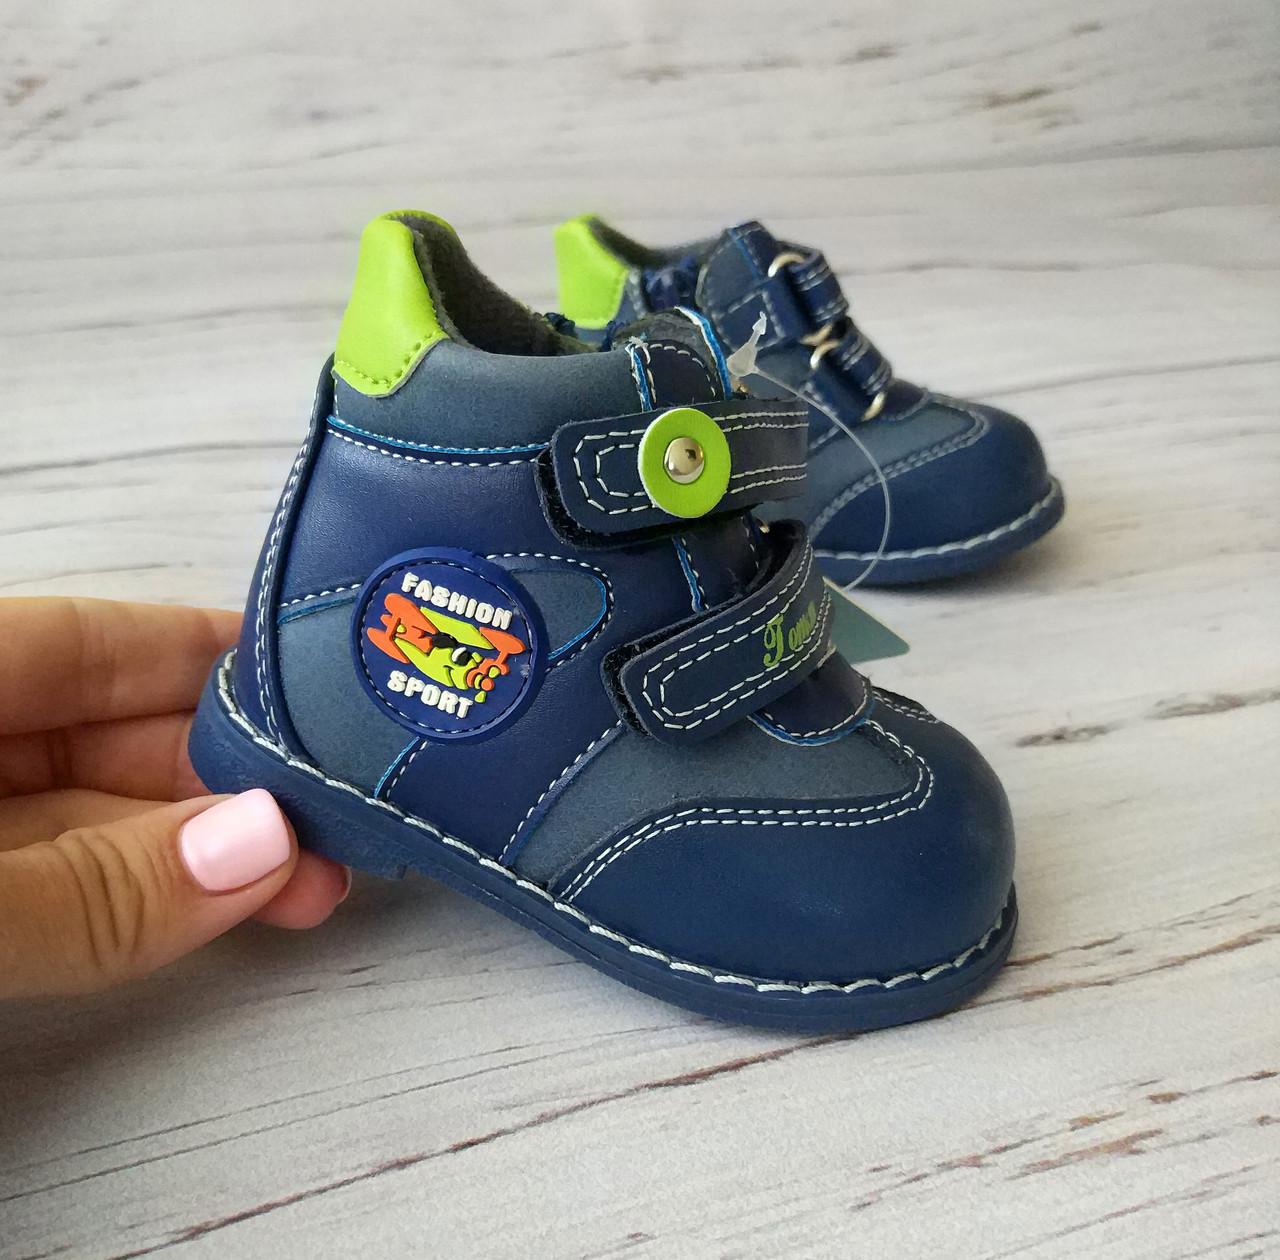 Ботинки для мальчиков, синие, обувь детская купить 18р. по стельке 11,5 см